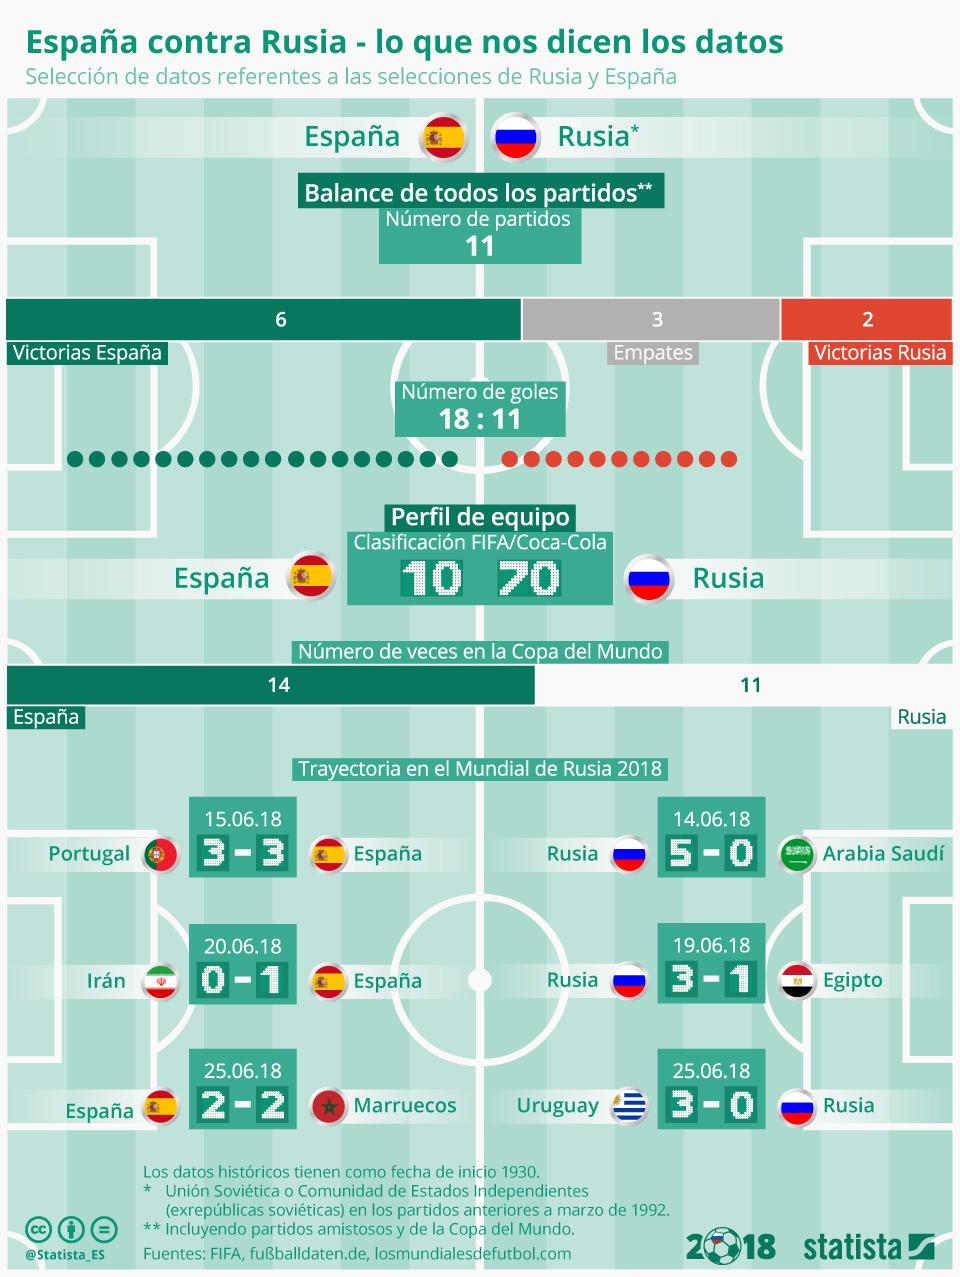 Infografía: Los datos dan a España vencedor | Statista